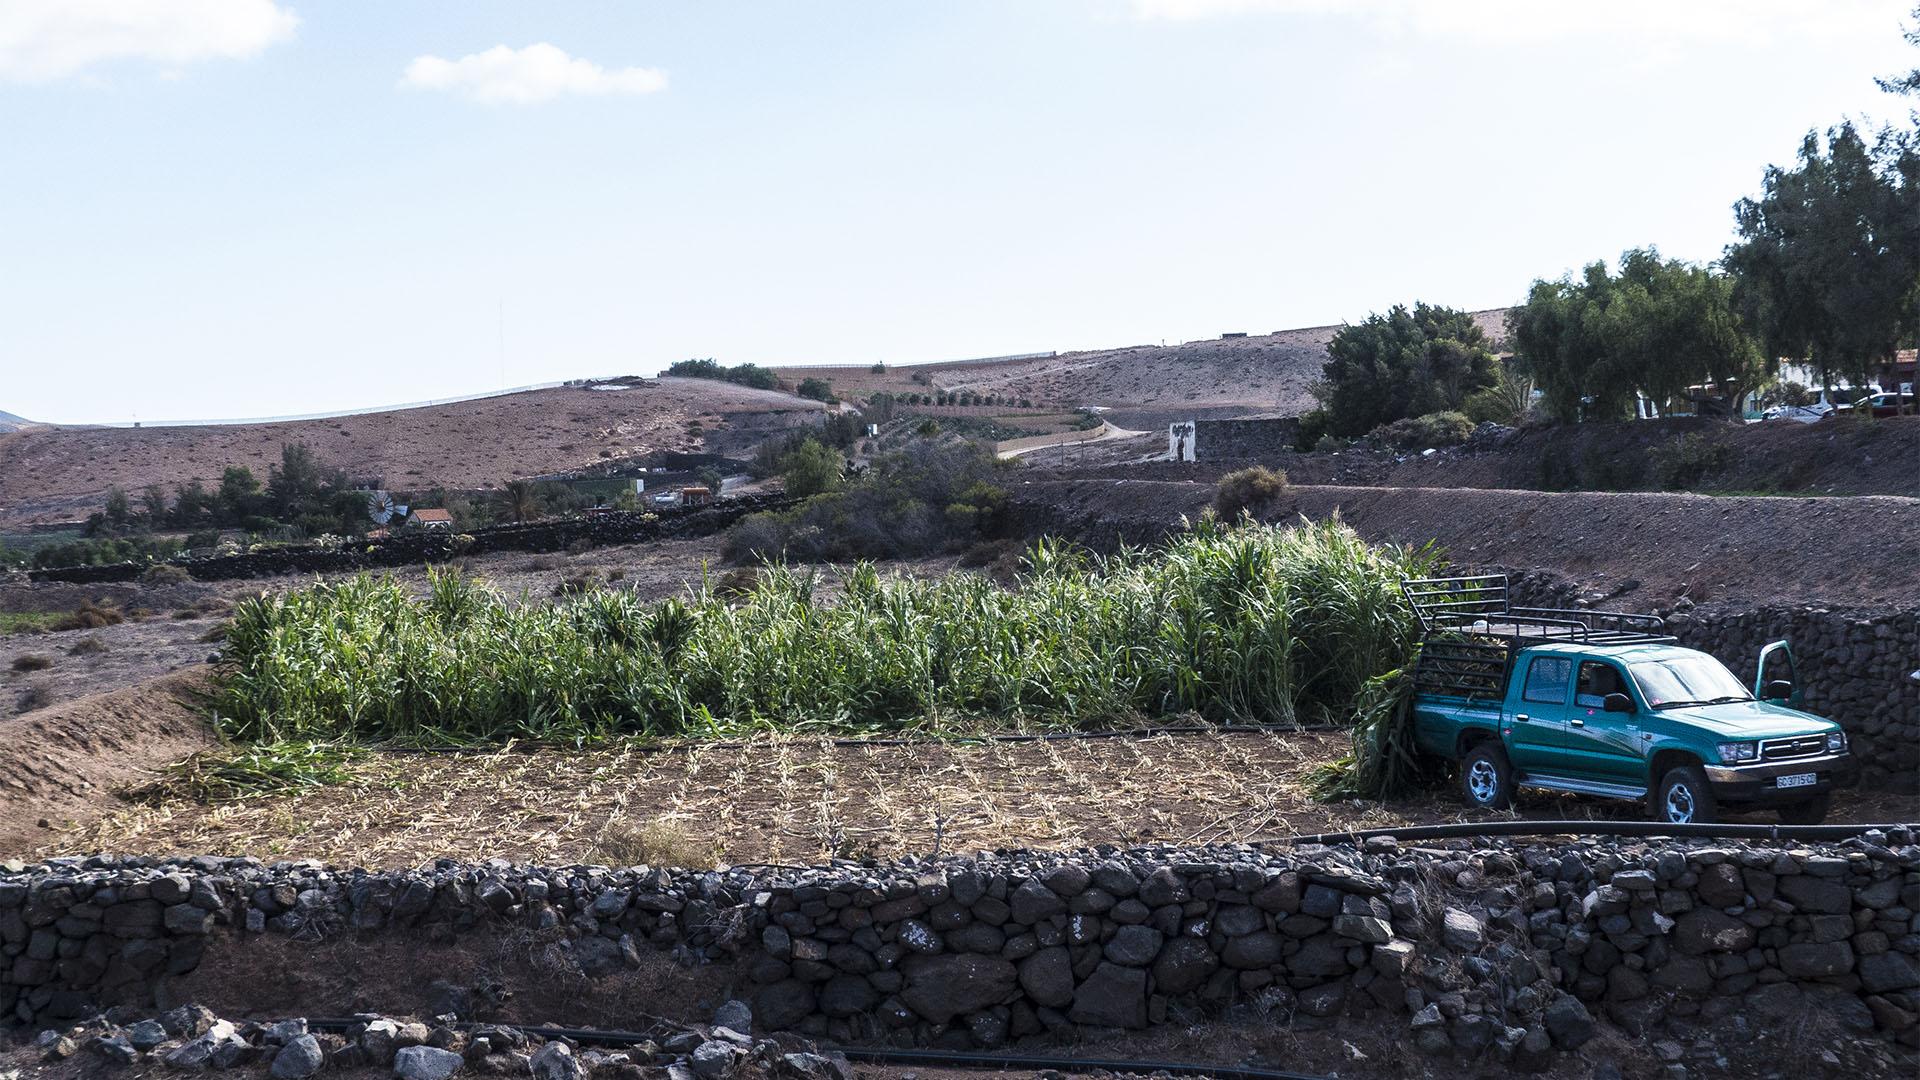 Fuerteventura Inselrundfahrt Südschleife – El Cardón klassische Landwirtschaft mit Gavias.